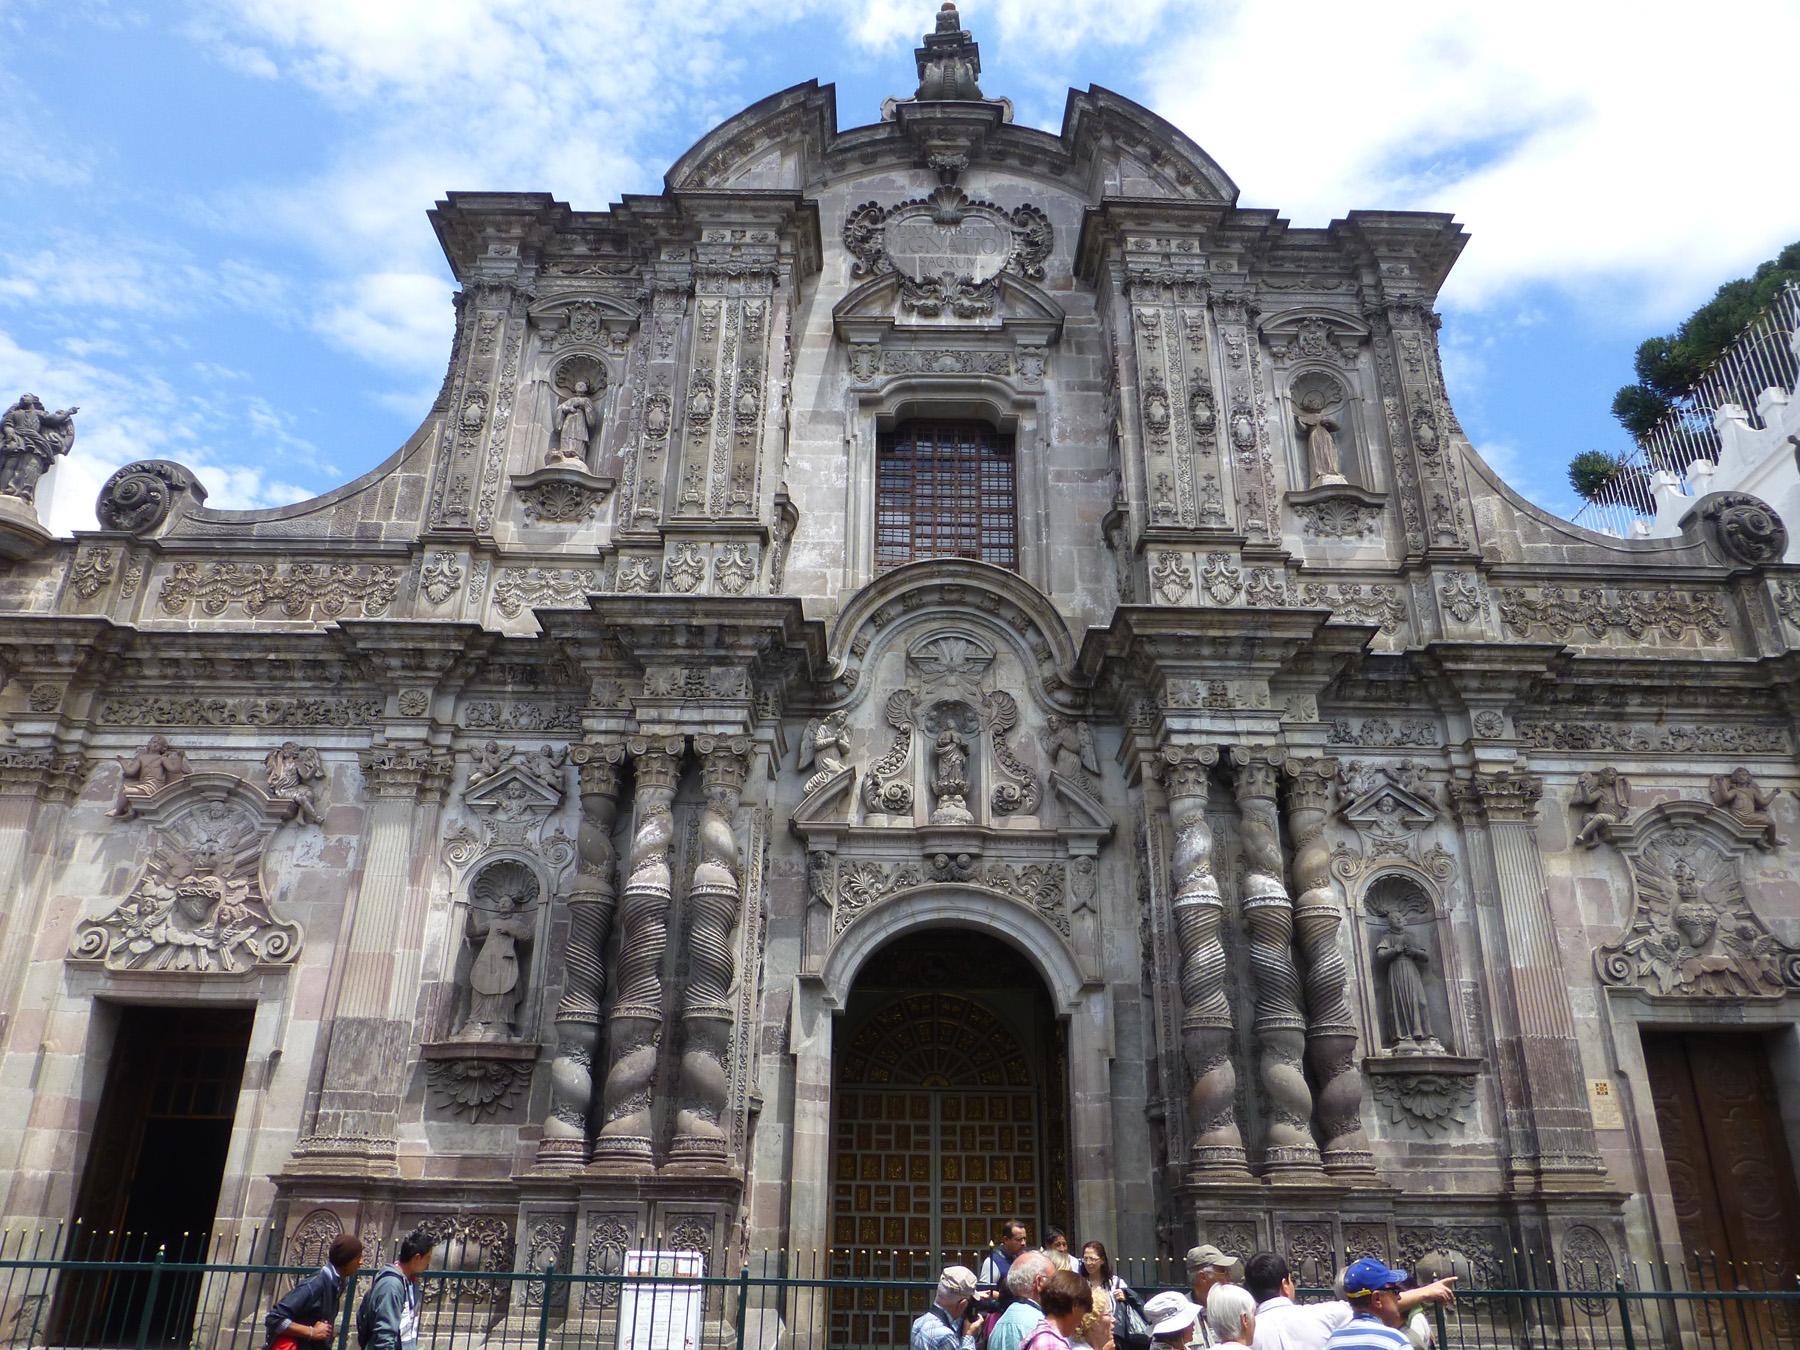 The Compañía Church